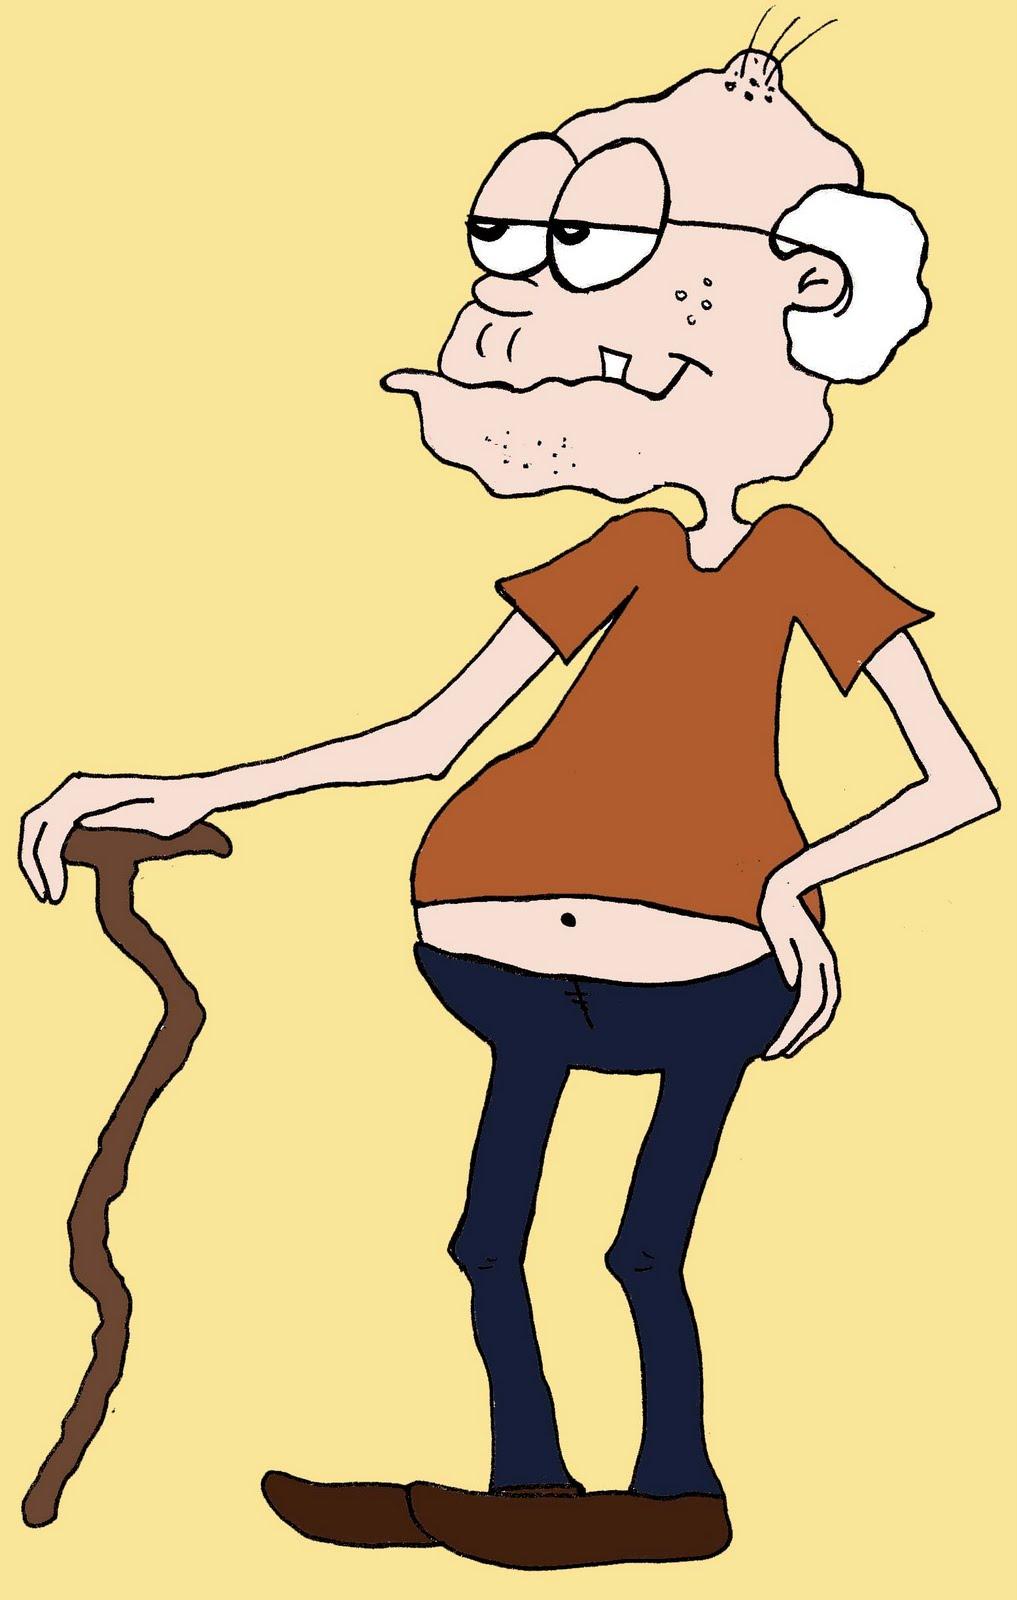 el viejo: